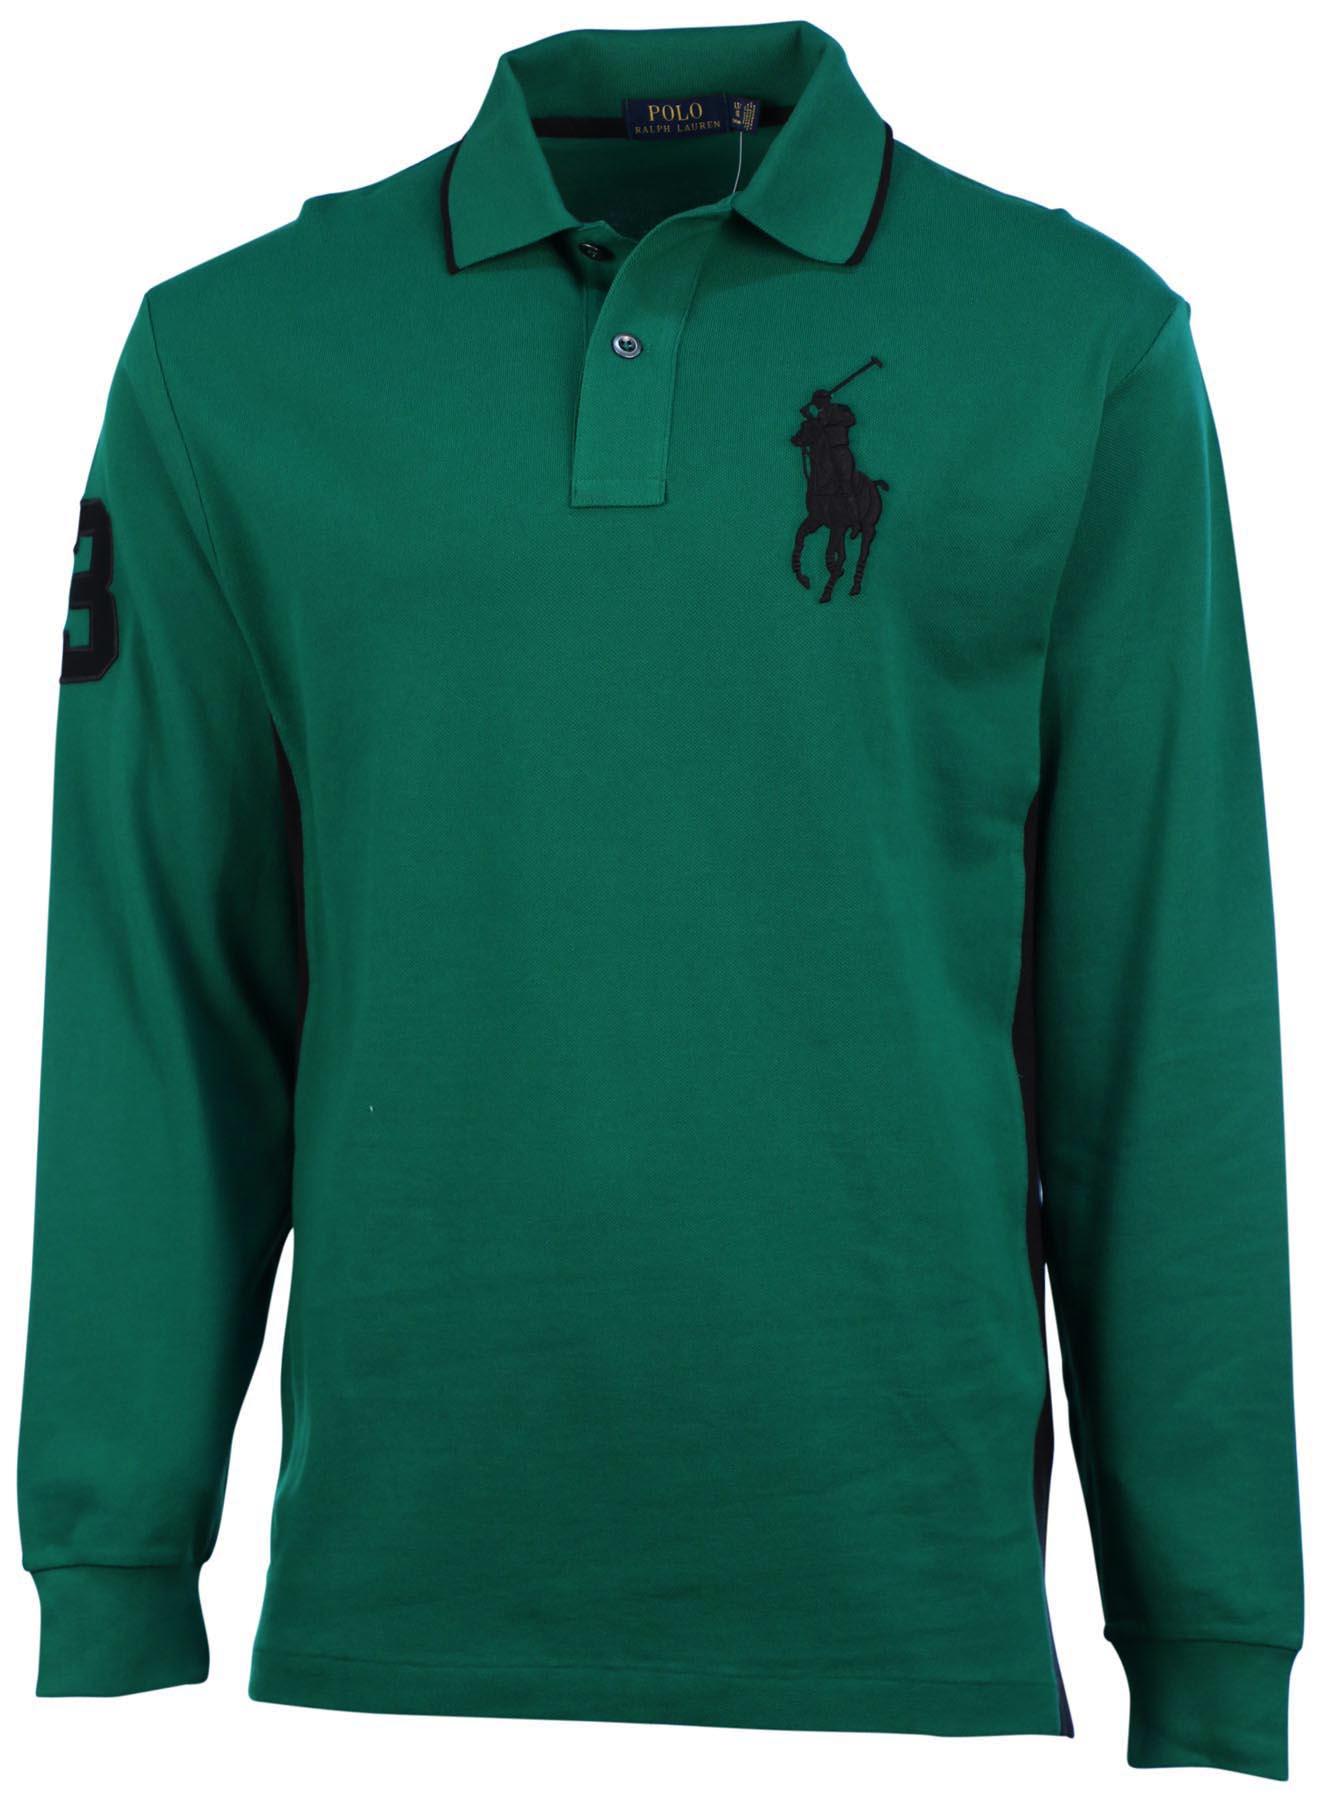 Polo ralph lauren men 39 s big tall l s big pony knit shirt for Tall ralph lauren polo shirts